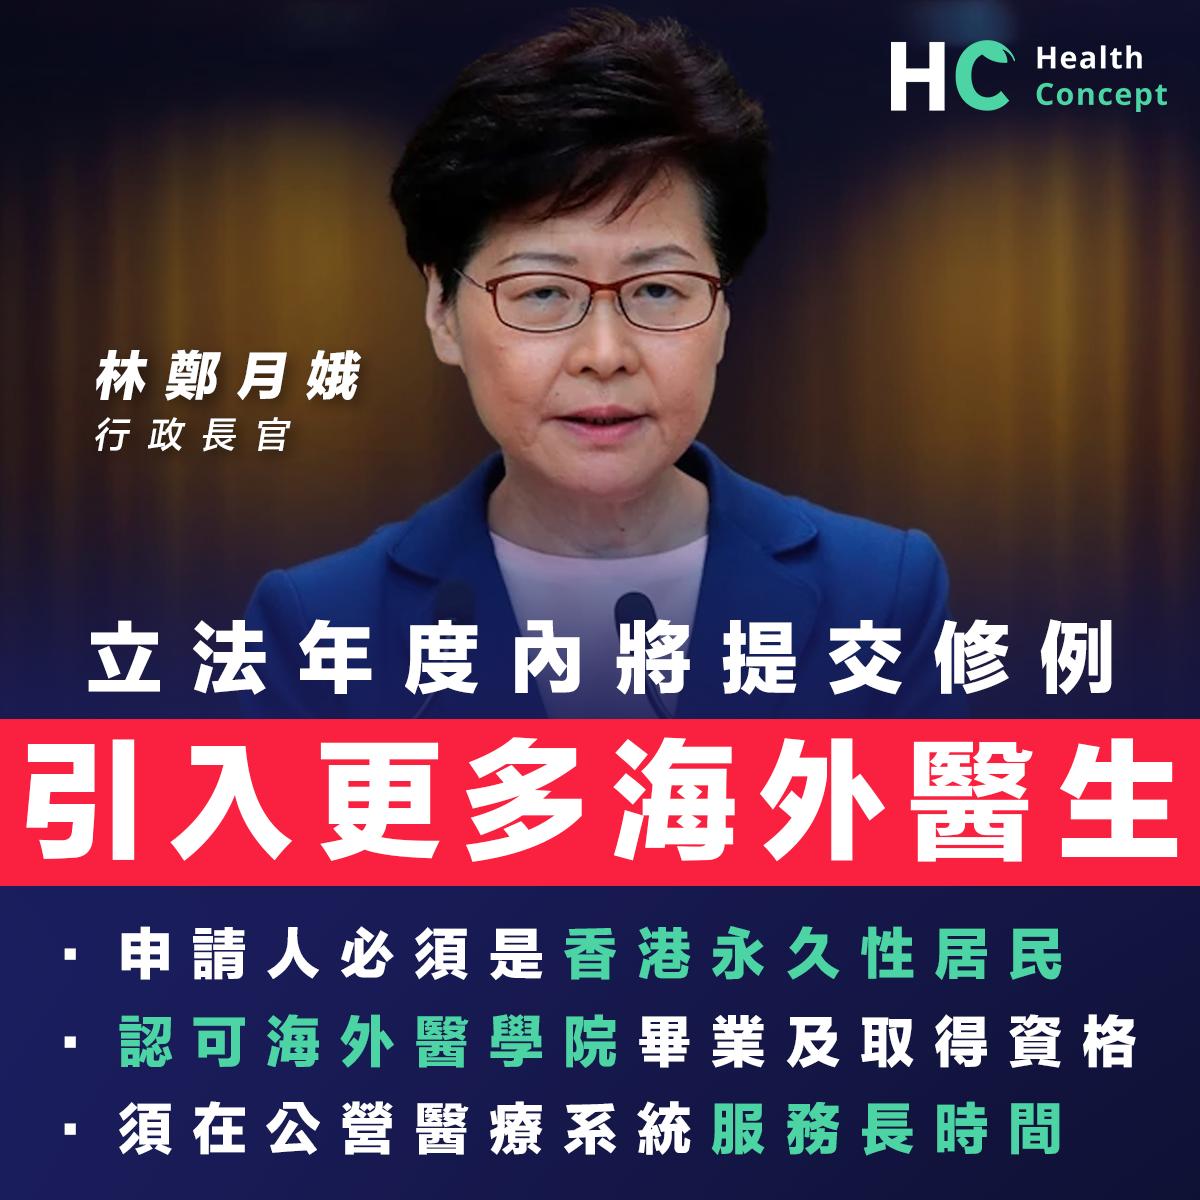 林鄭:立法年度內將提交修例 引入更多海外醫生